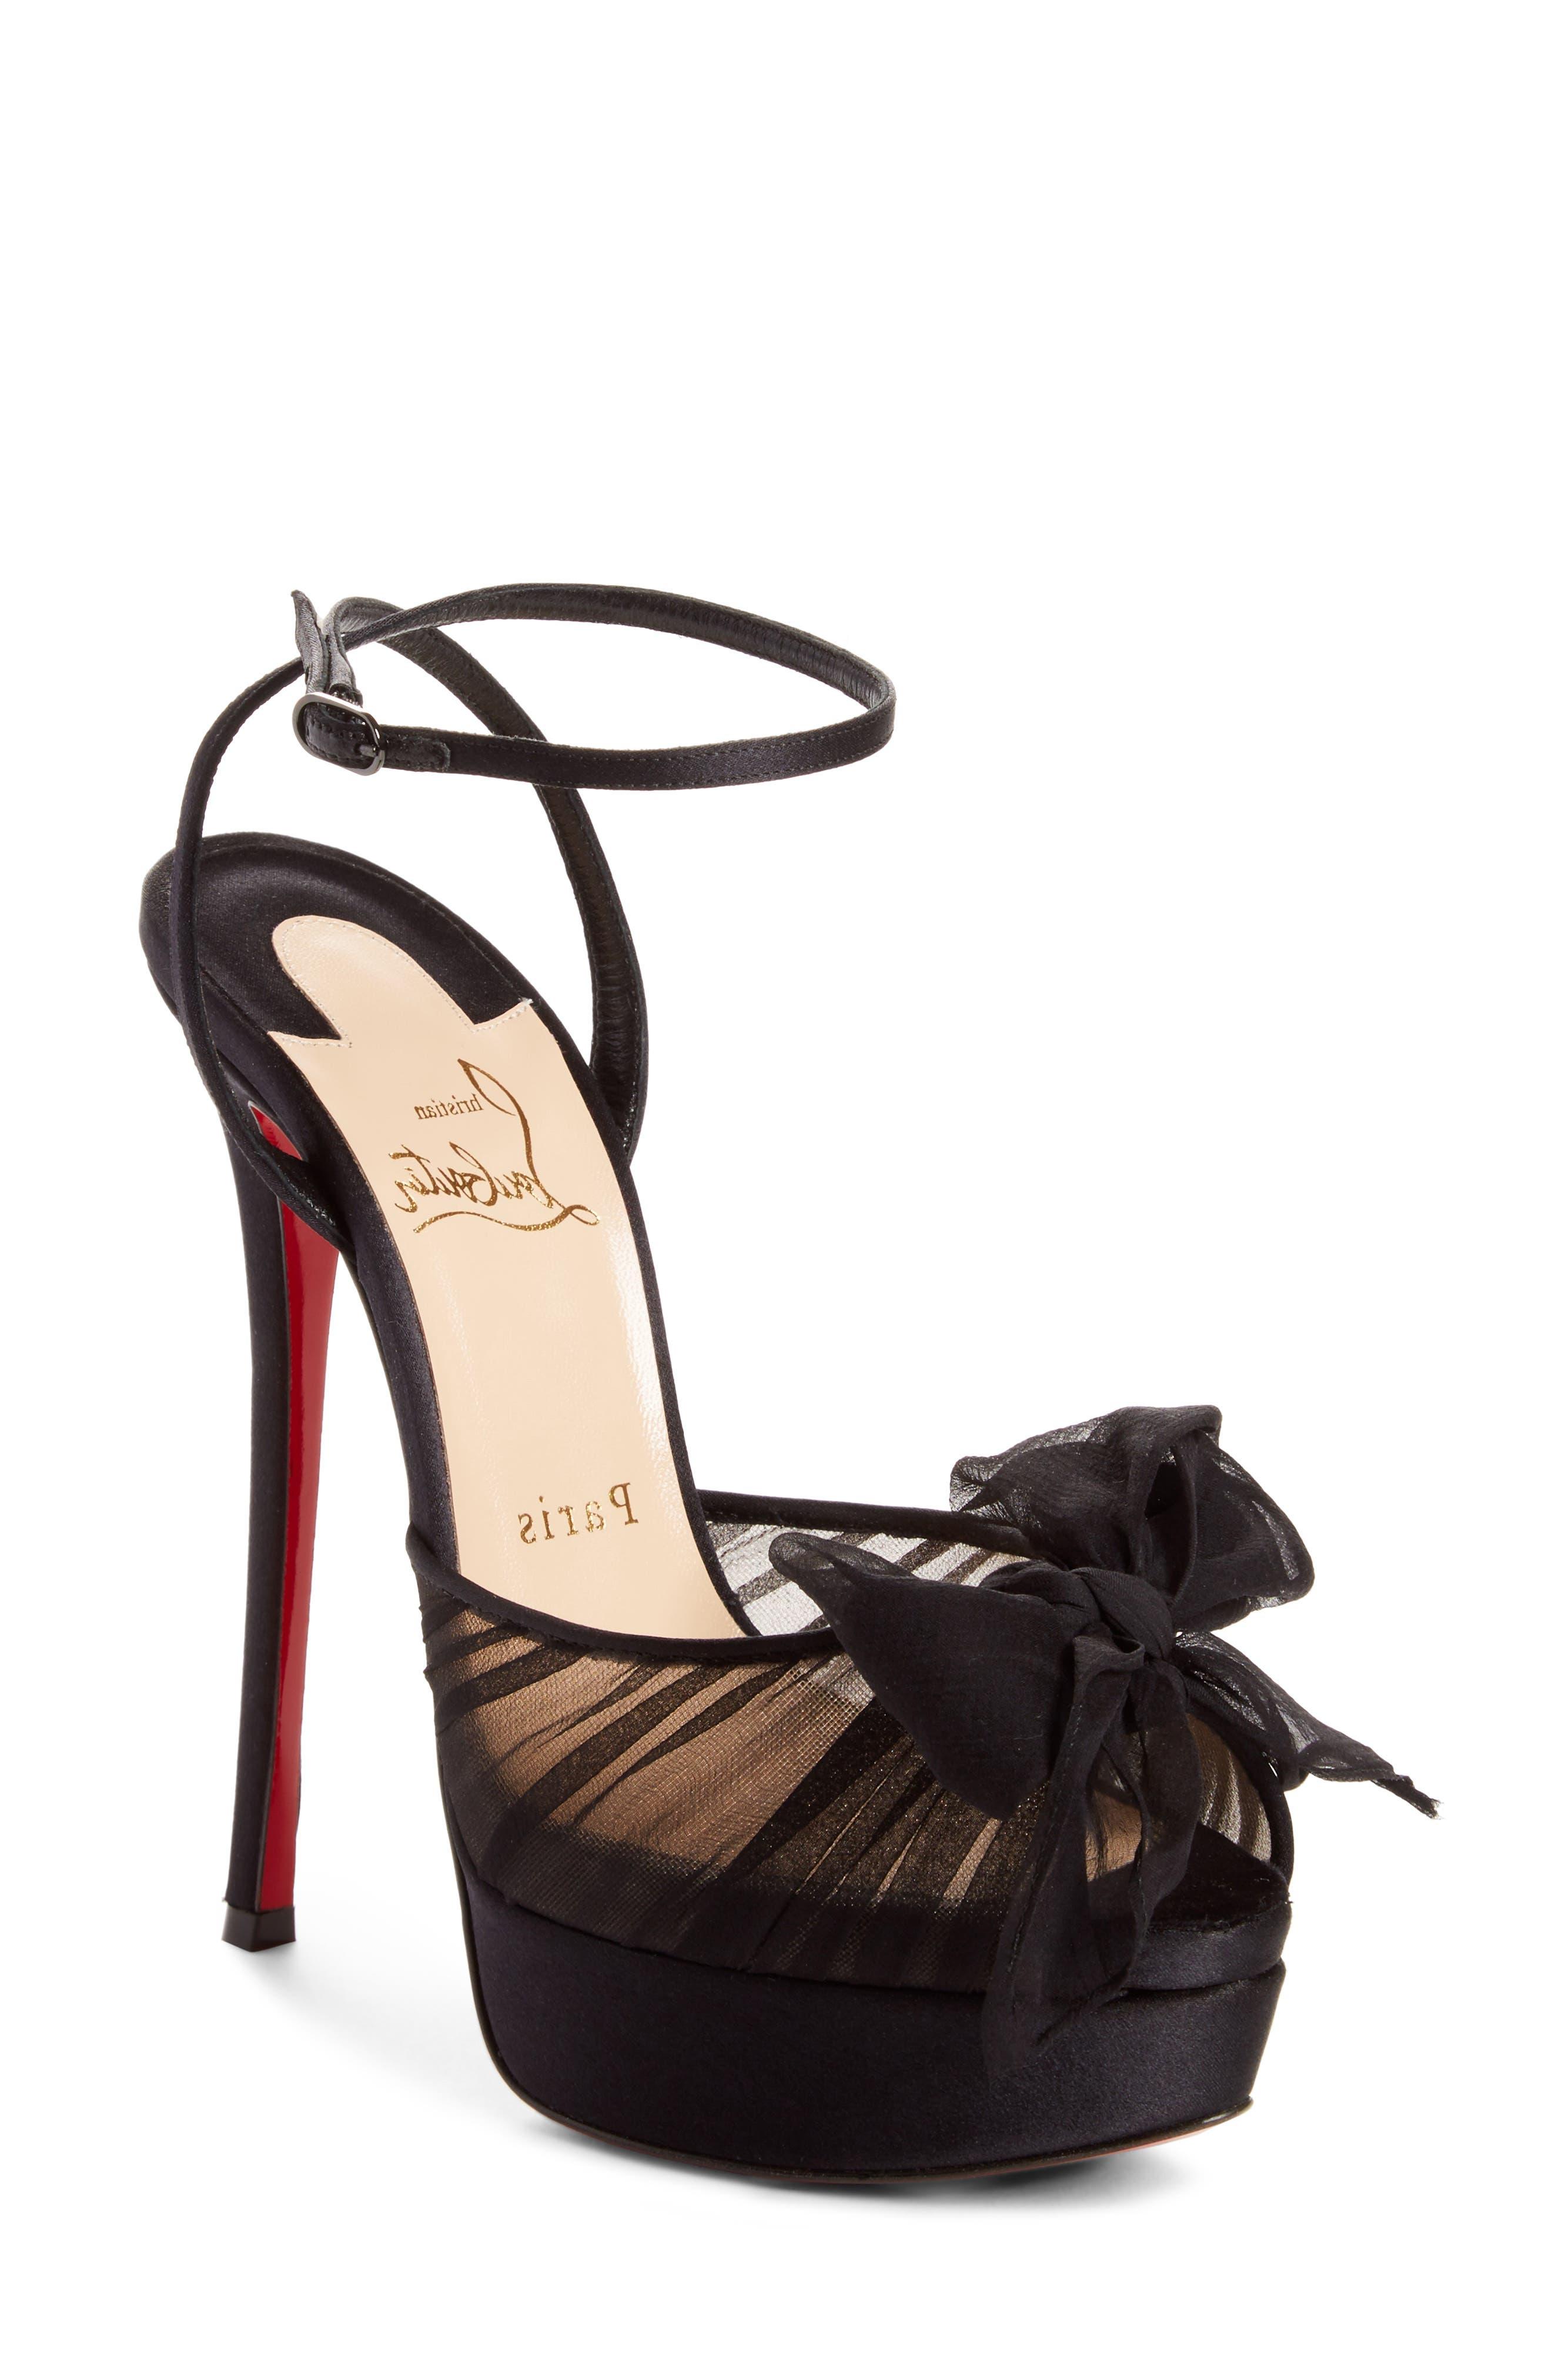 Artydiva Platform Ankle Strap Sandal,                         Main,                         color, 001